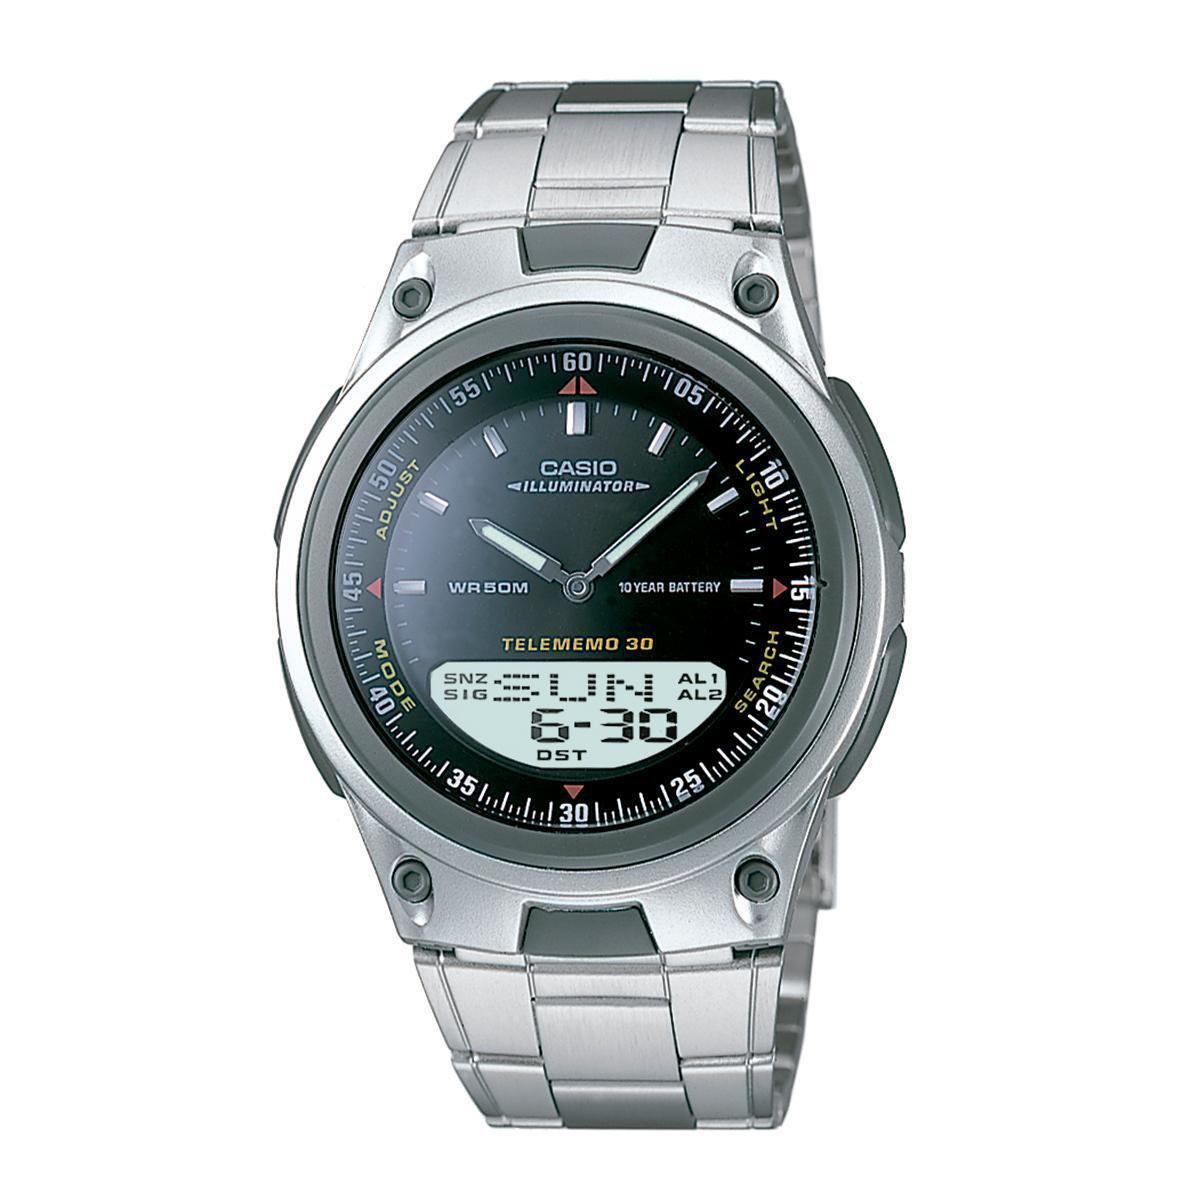 6a910ea9893 Relógio Casio AW-80D-1AVDFU 40mm Prata Pulseira Aço - Compre Agora ...